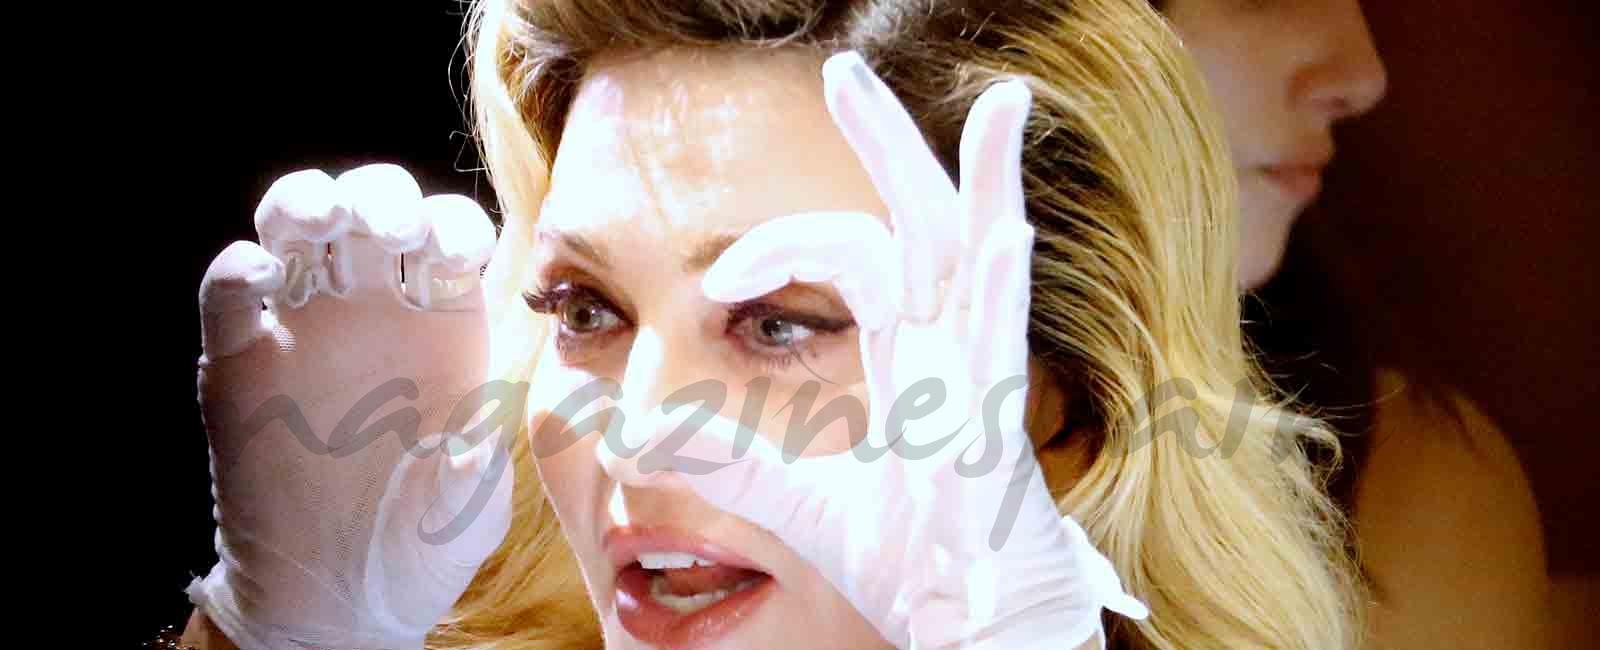 La cantante Madonna maquilladora por un día